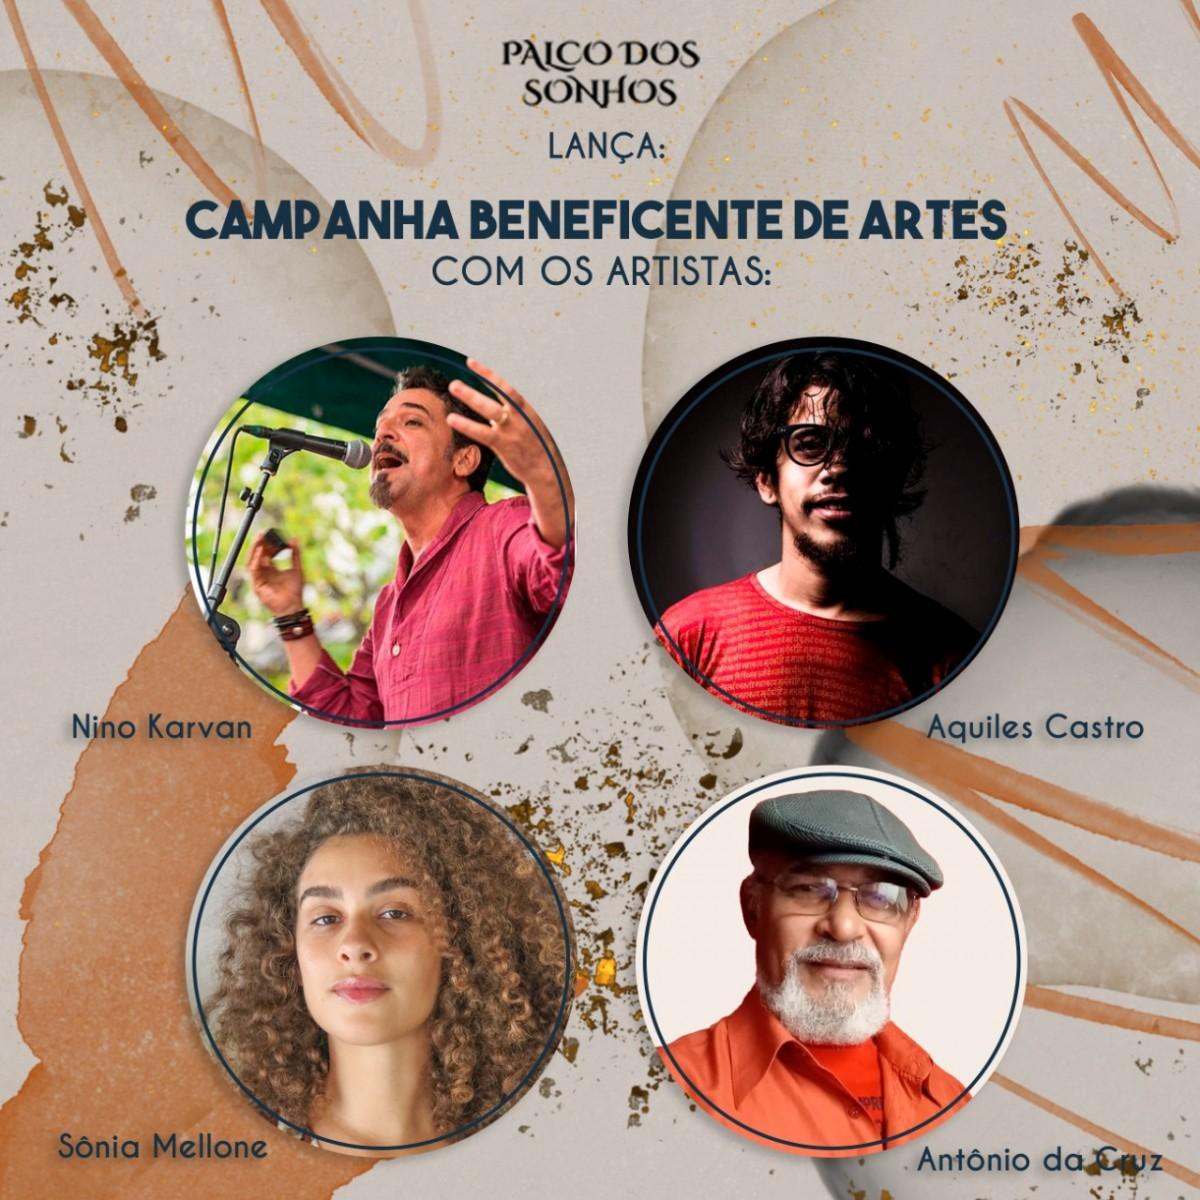 Palco dos Sonhos lança Circuito Beneficente de Artes (Imagem: Divulgação)